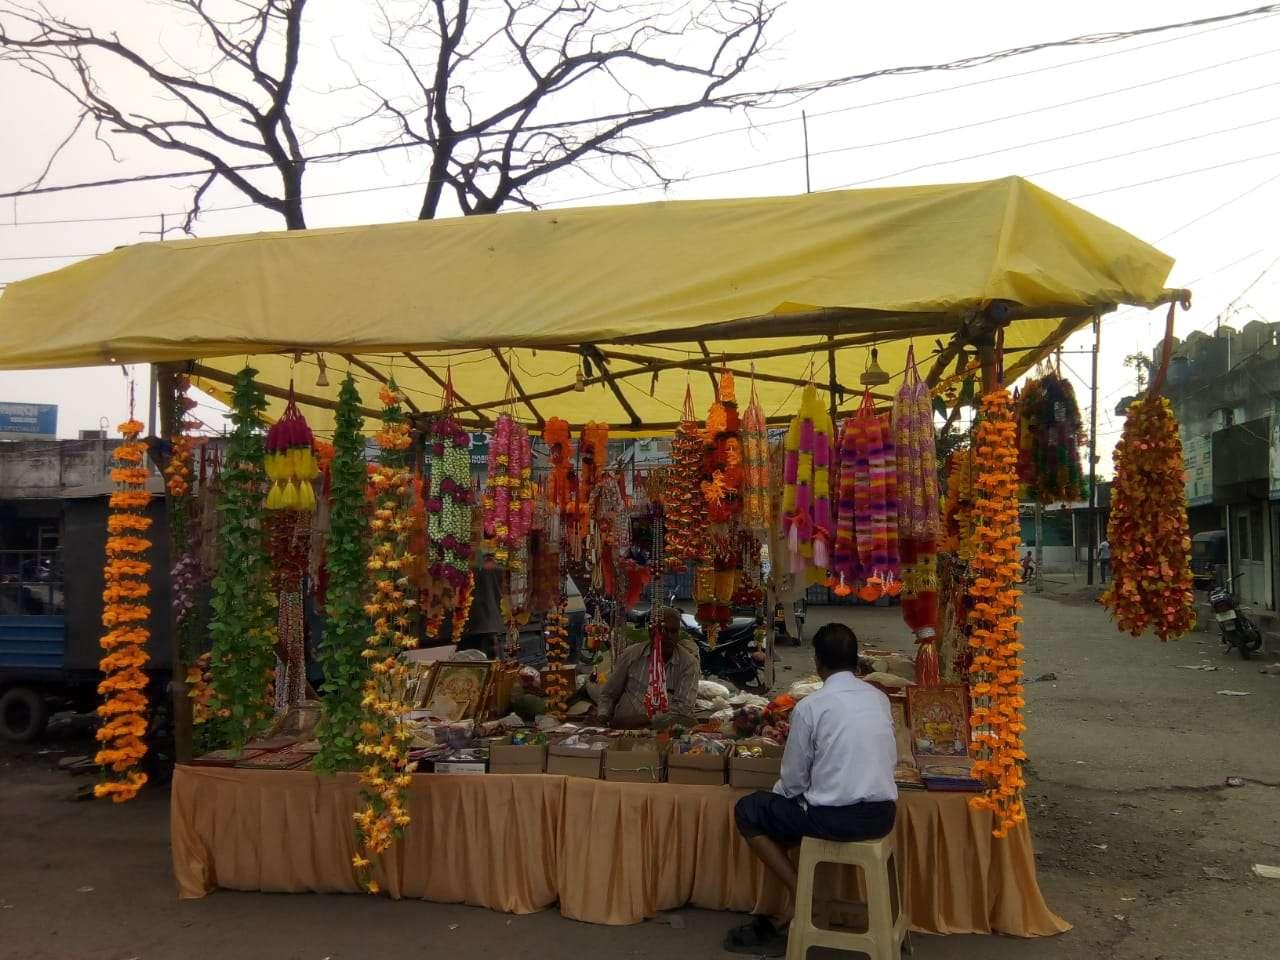 विश्वकर्मा जयंती : छोटे-बड़े प्रतिष्ठानों में दिन भर रहेगी चहल-पहल, की जाएगी दाढ़ी वाले बाबा की पूजा-अर्चना